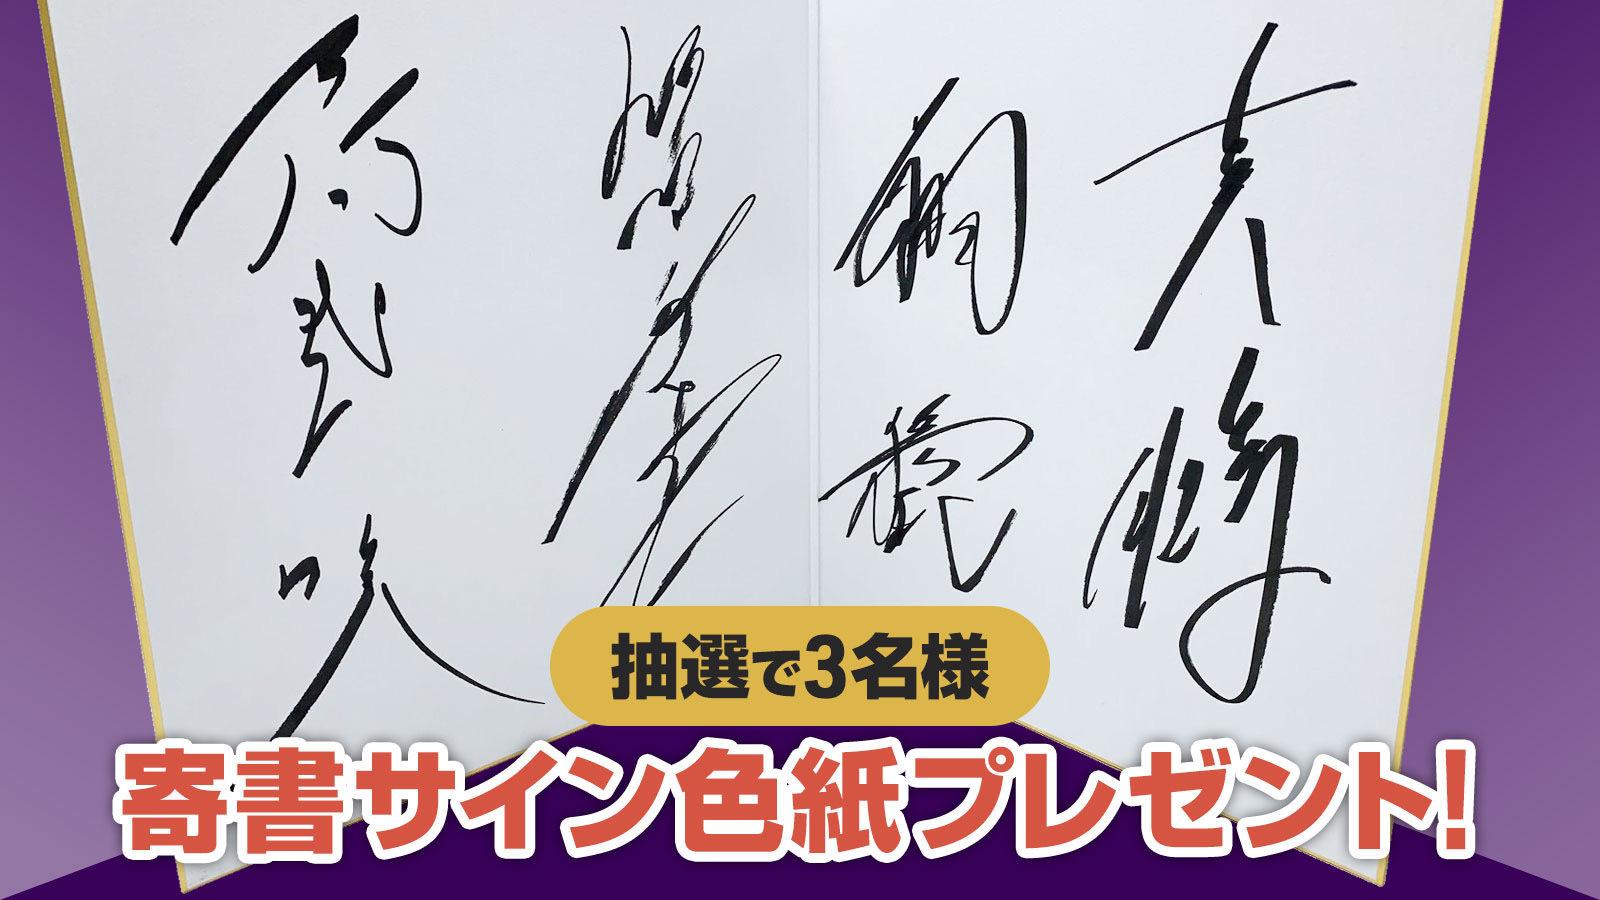 【現役力士が歌ってみた】企画 参加力士4人全員の『サイン入り色紙』プレゼント!